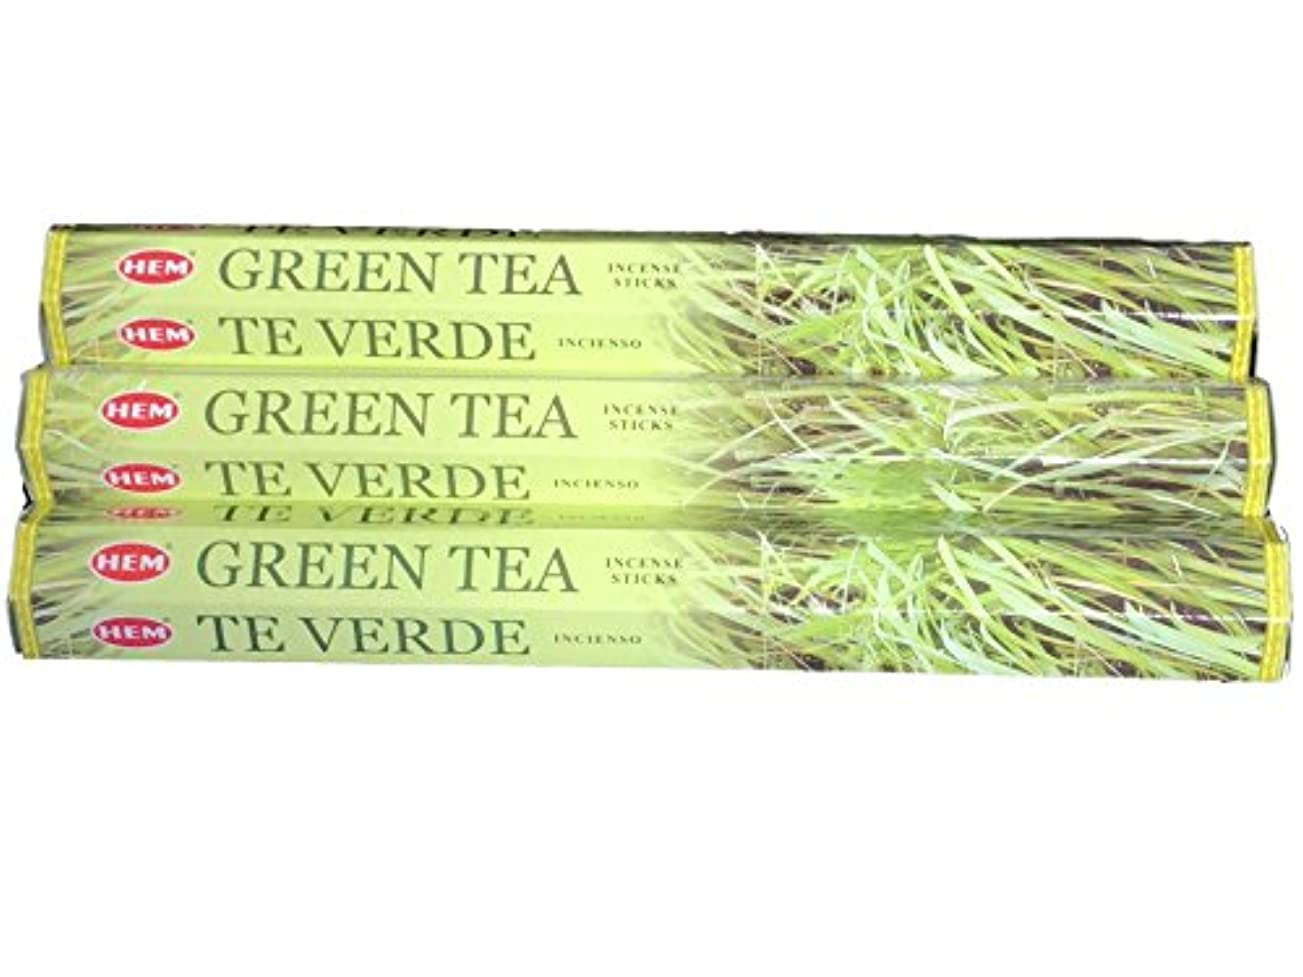 しょっぱい成長する構想するHEM ヘム グリーンティー GREENTEA ステック お香 3本 セット